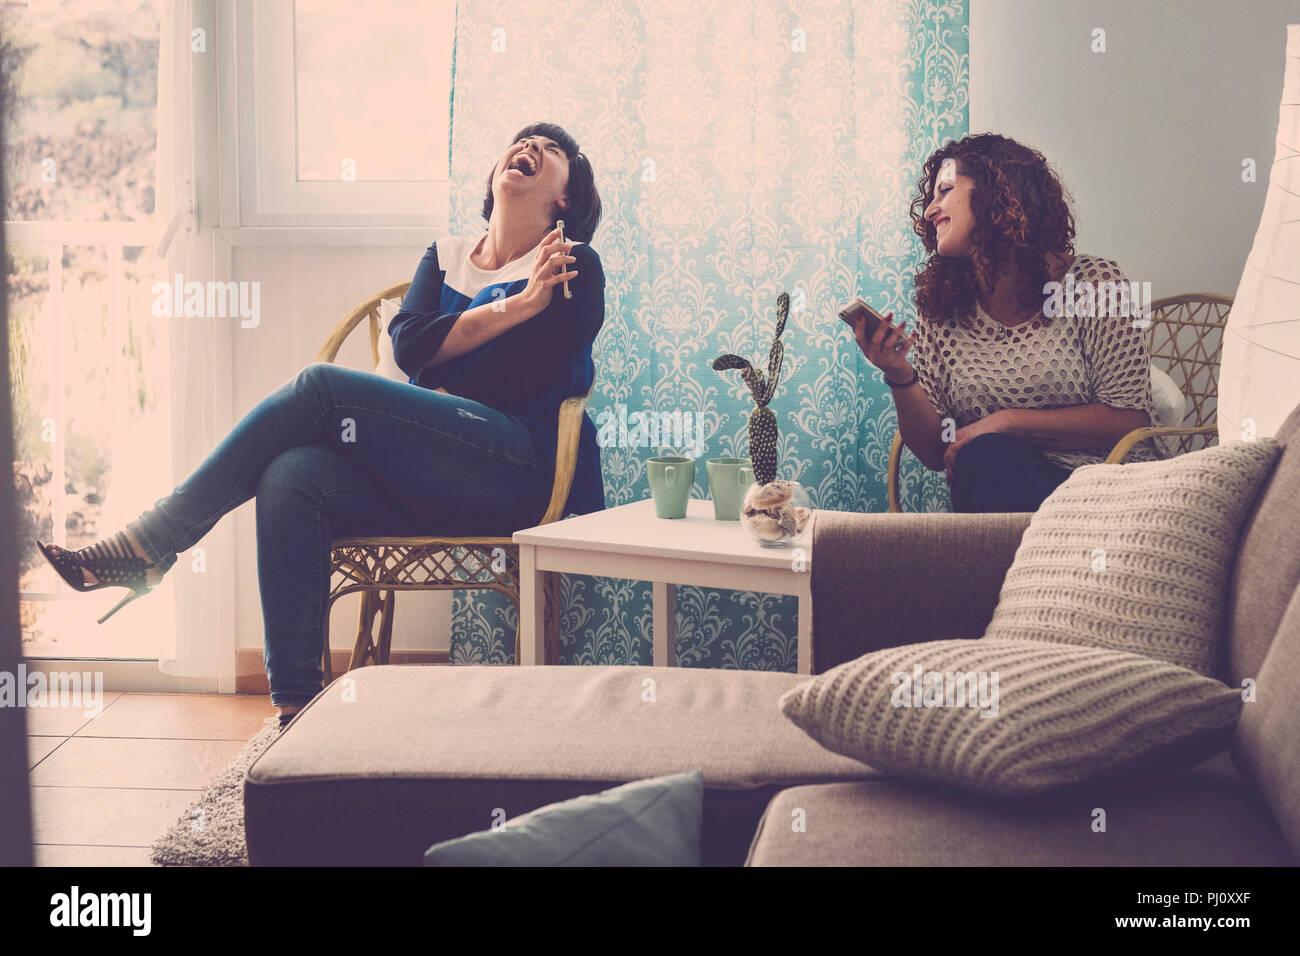 Zwei junge Frauen, die Freunde glücklich zu Hause sitzen und Lachen, Geschichten und Fakten über den Tag. indoor lifestyle Konzept in der Freundschaft mit Liebe Kolleginnen u Stockbild